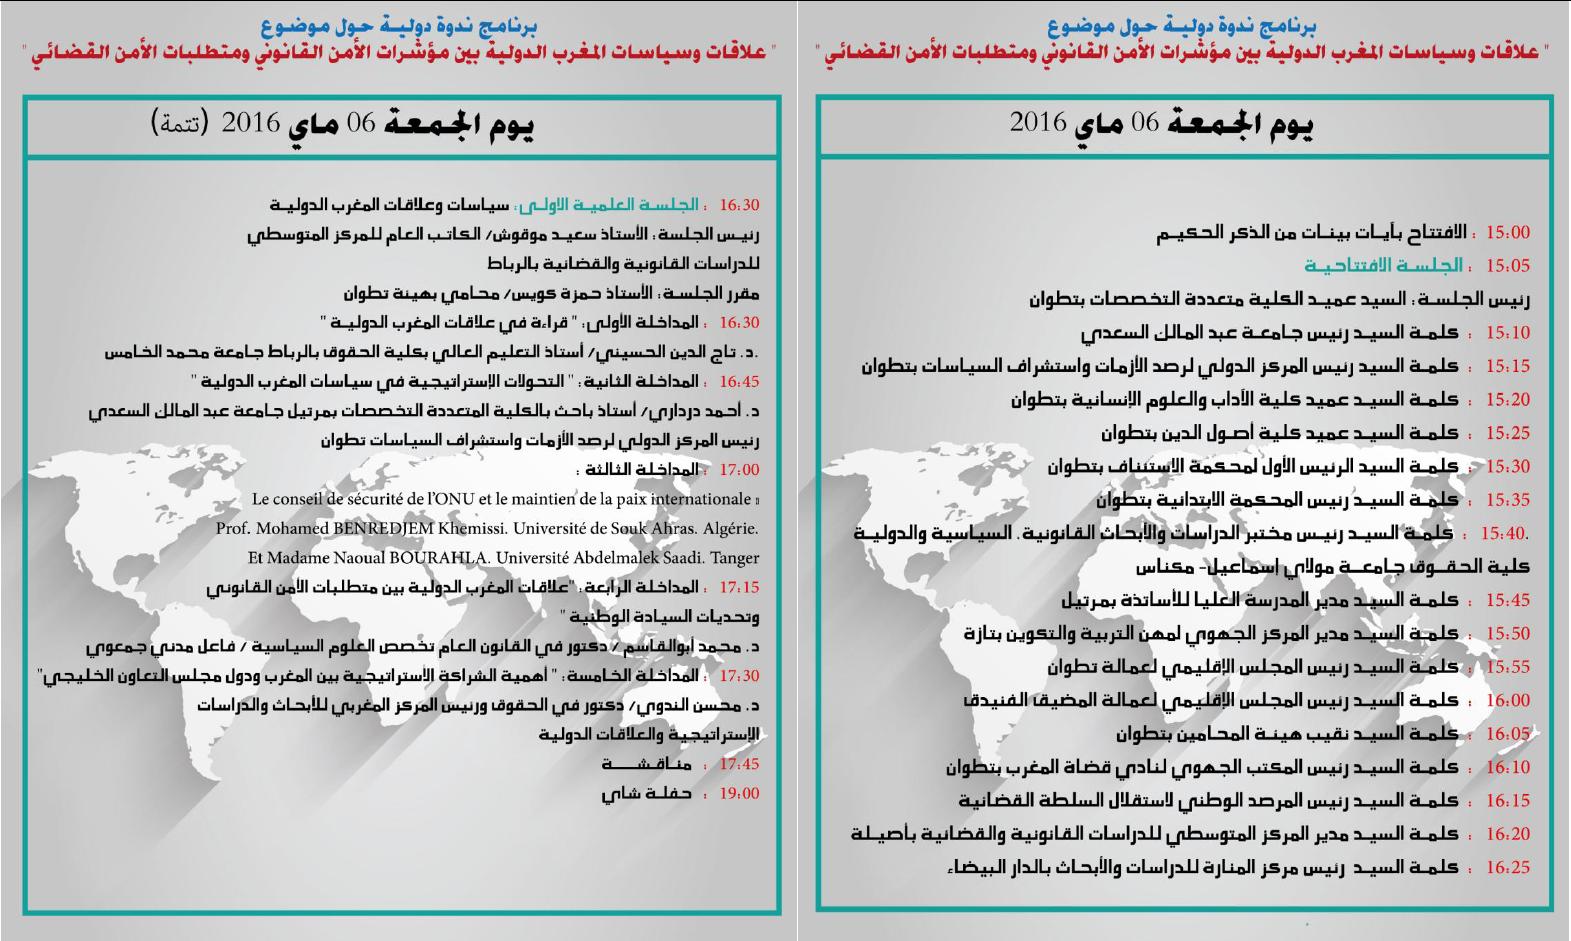 """برنامج الندوة الدولية المزمع تنظيمها يومي الجمعة والسبت 6 و7 ماي 2016 بمدينة تطوان، حول موضوع: """" سياسات وعلاقات المغرب الدولية بين مؤشرات الأمن القانوني ومتطلبات الأمن القضائـي """""""